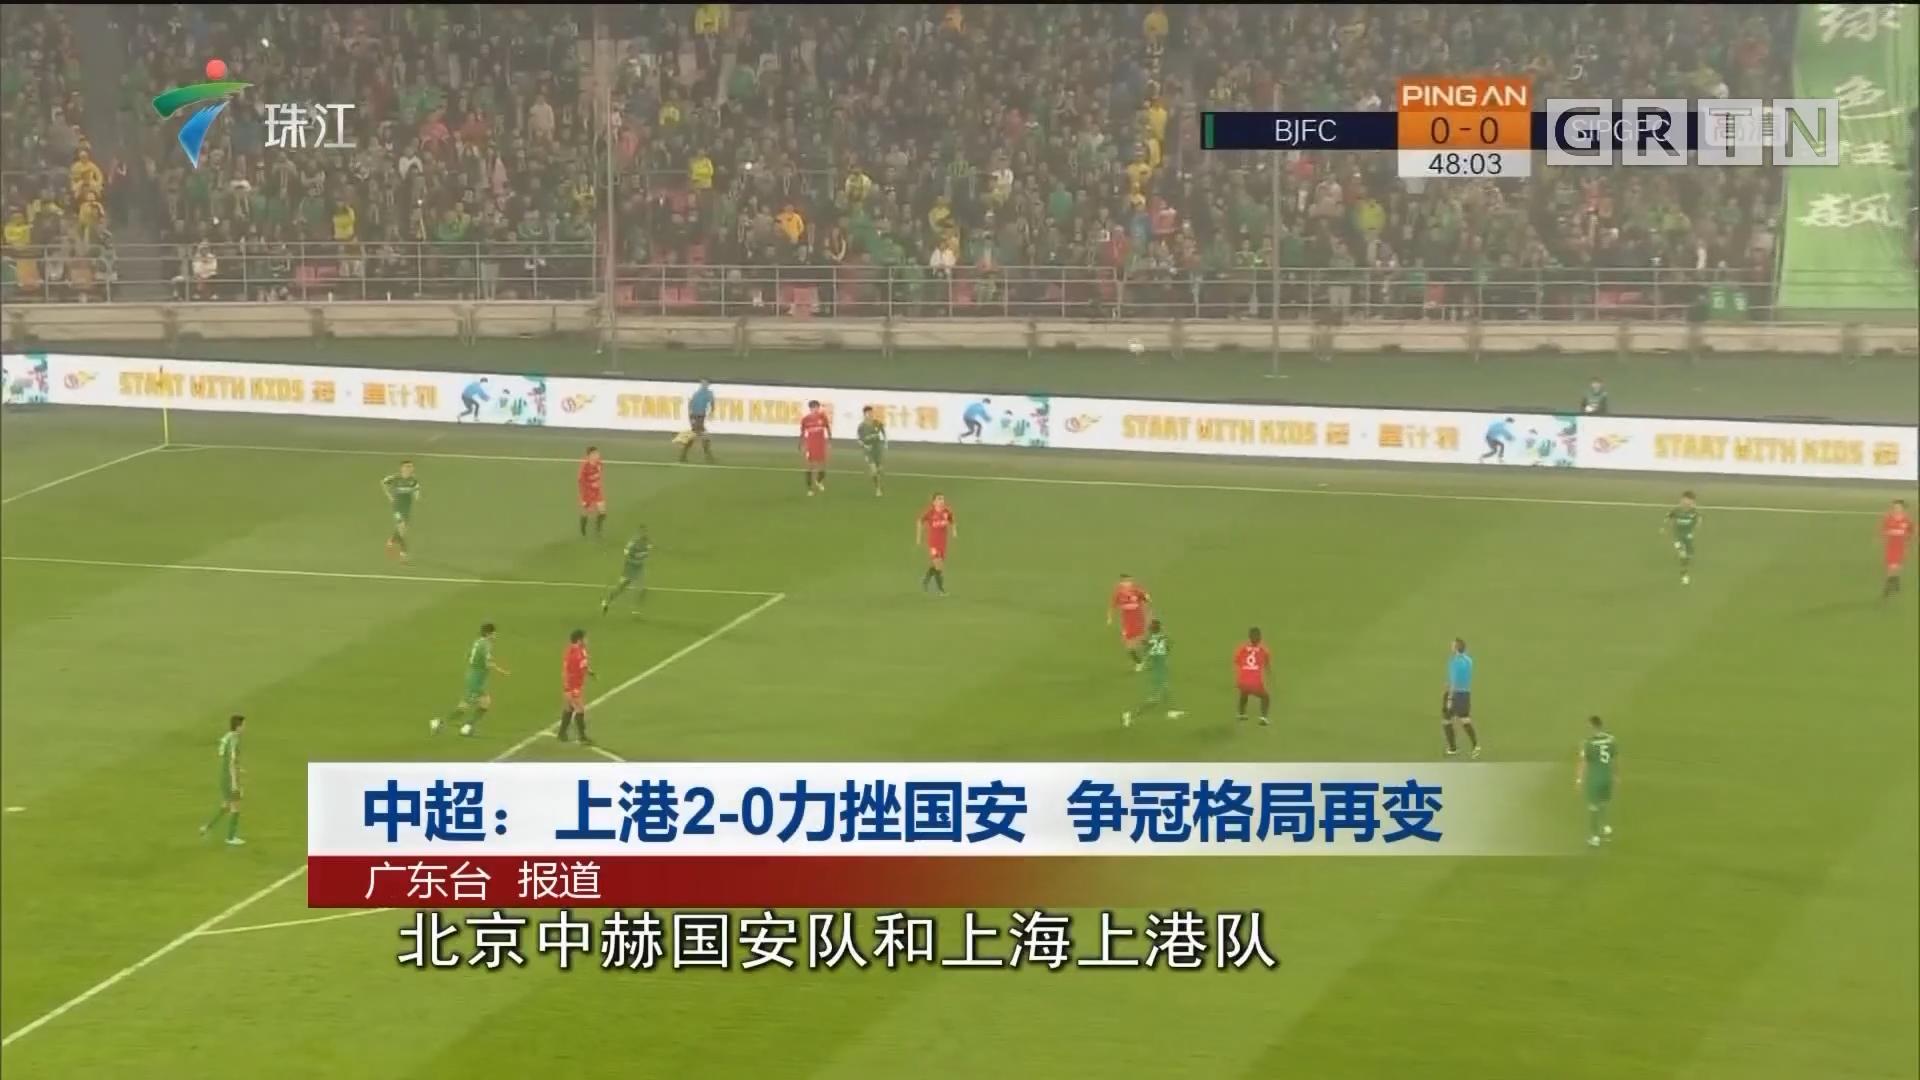 中超:上港2-0力挫国安 争冠格局再变